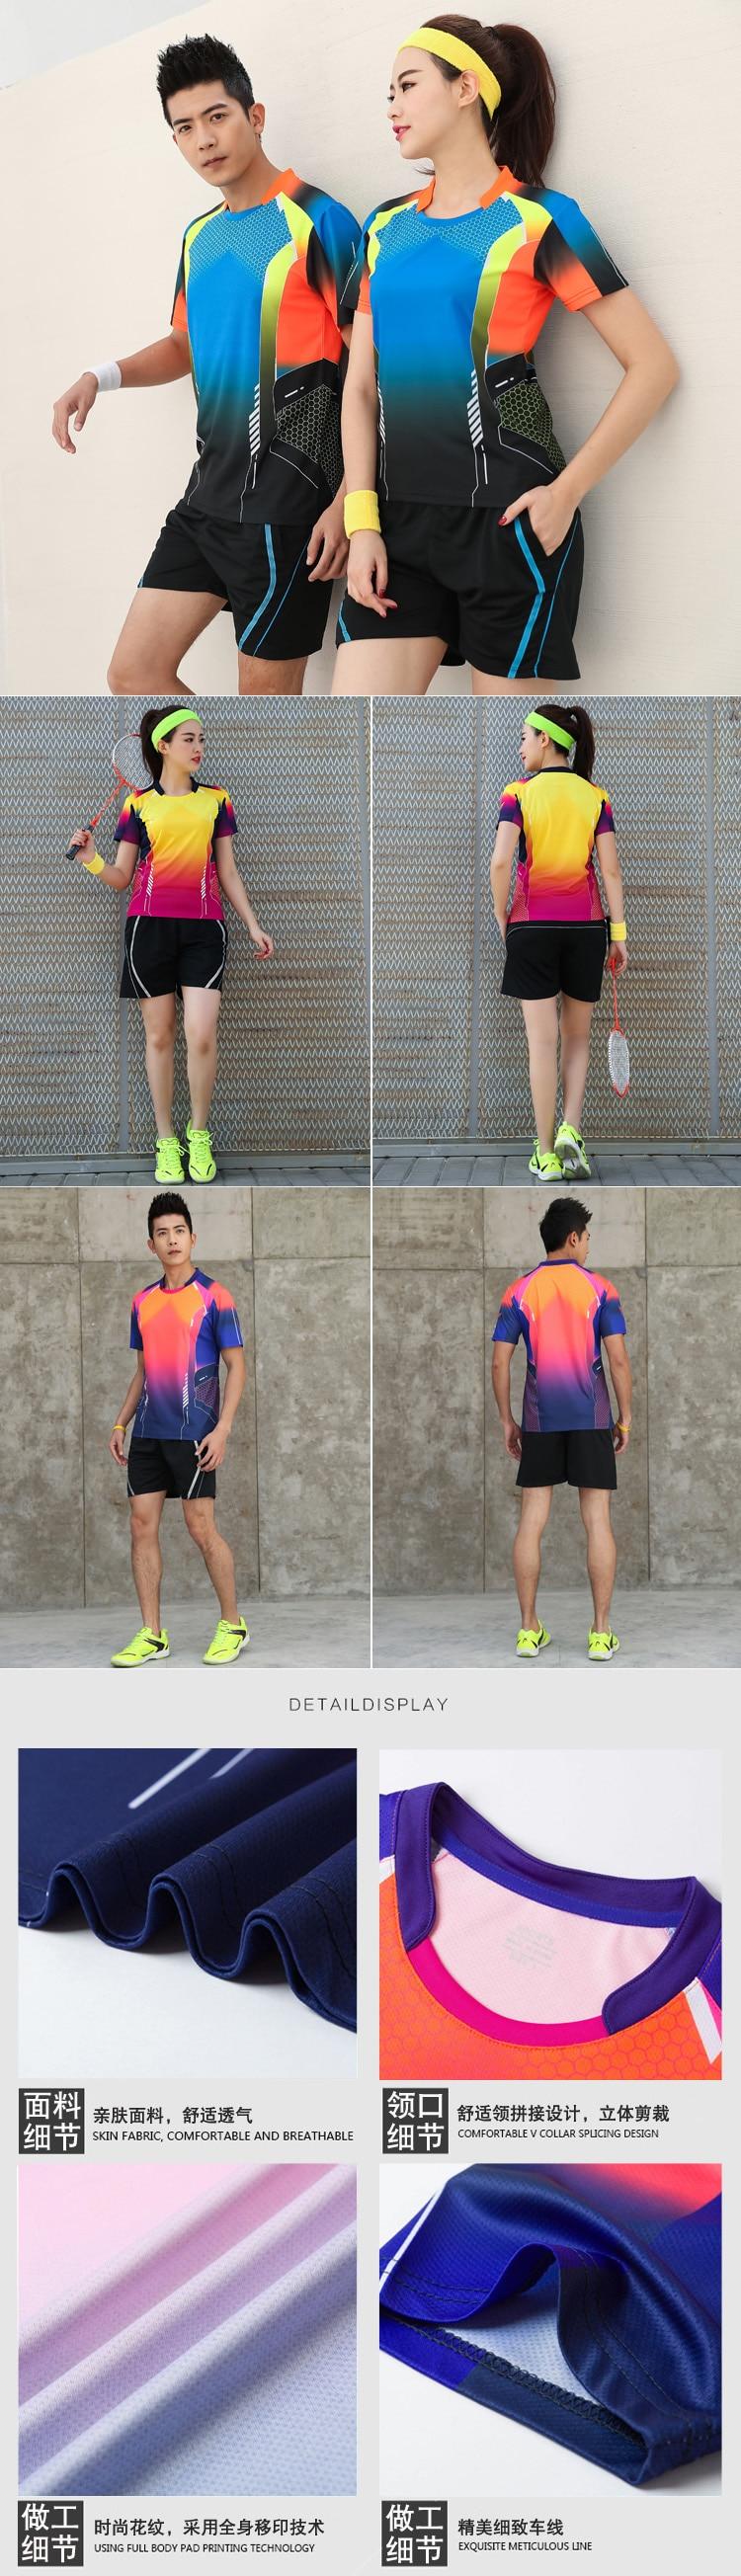 Camisa de tênis t para roupa esportiva